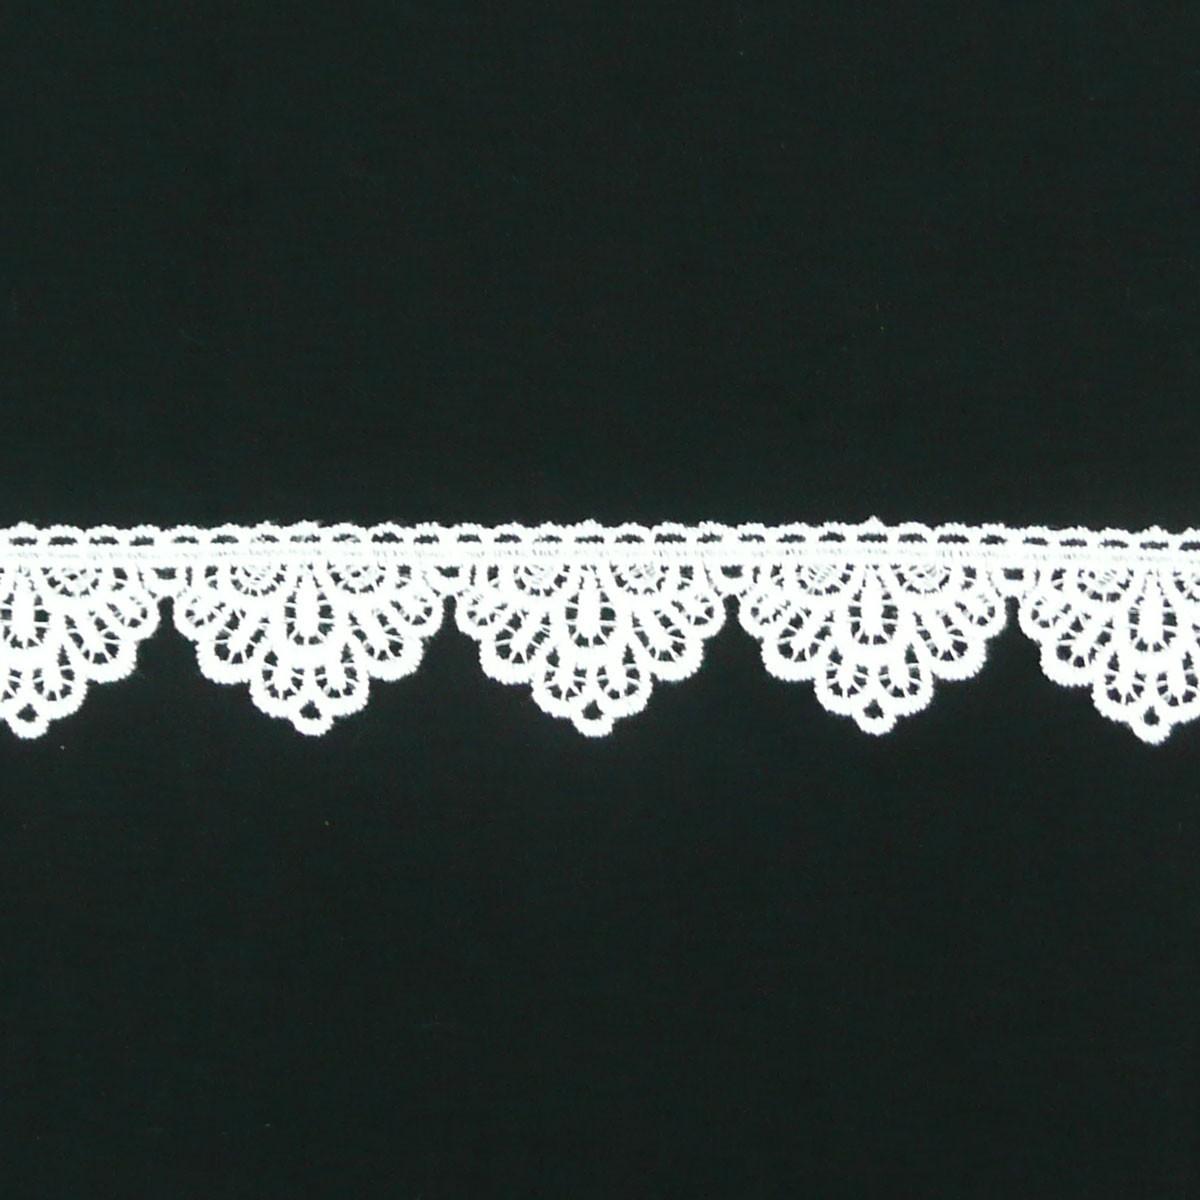 25373-Borte-Spitzenborte-weiss-Wellen-Blume-Meterware-4c.jpg